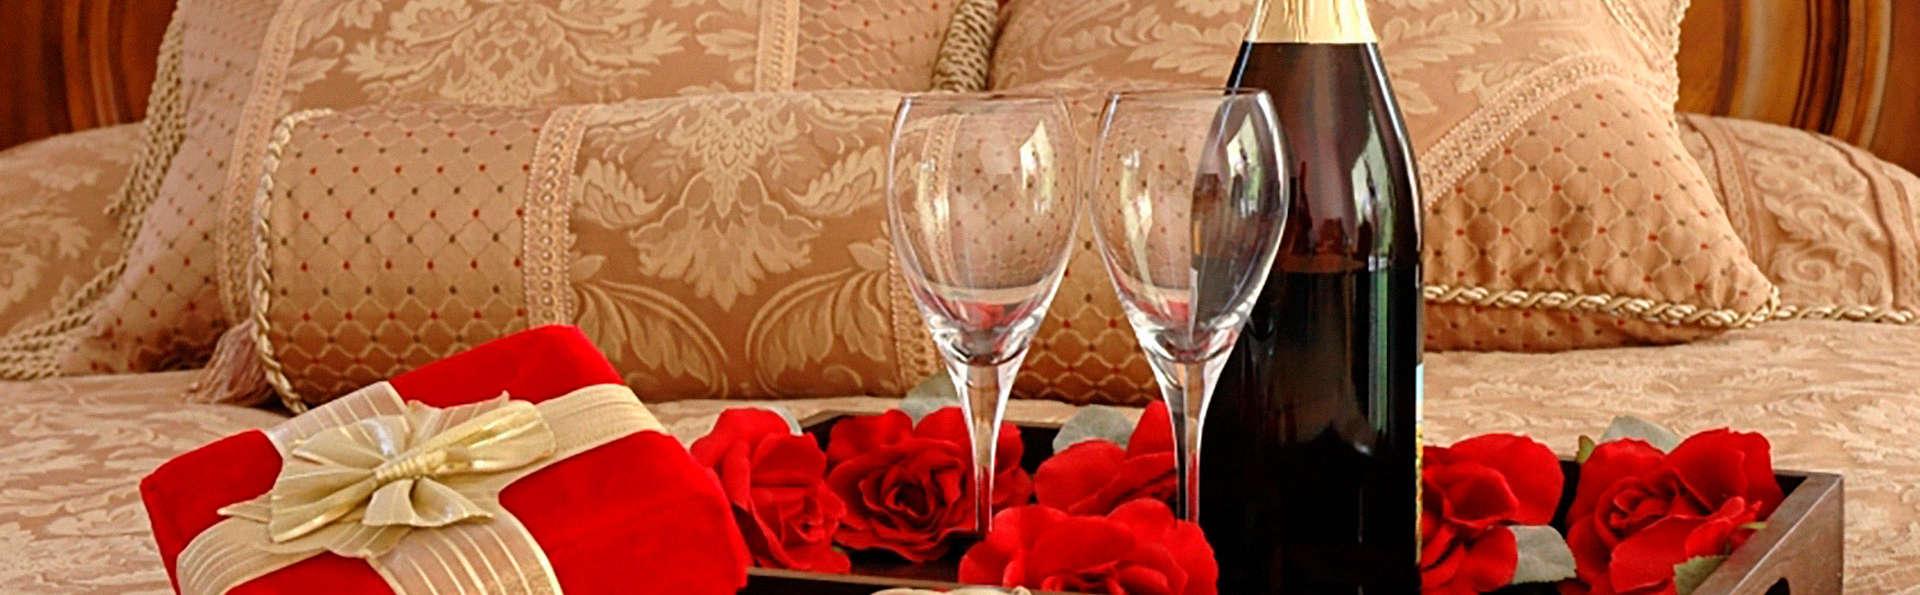 Champagne, fleurs et chocolats pour un weekend romantique à Paris